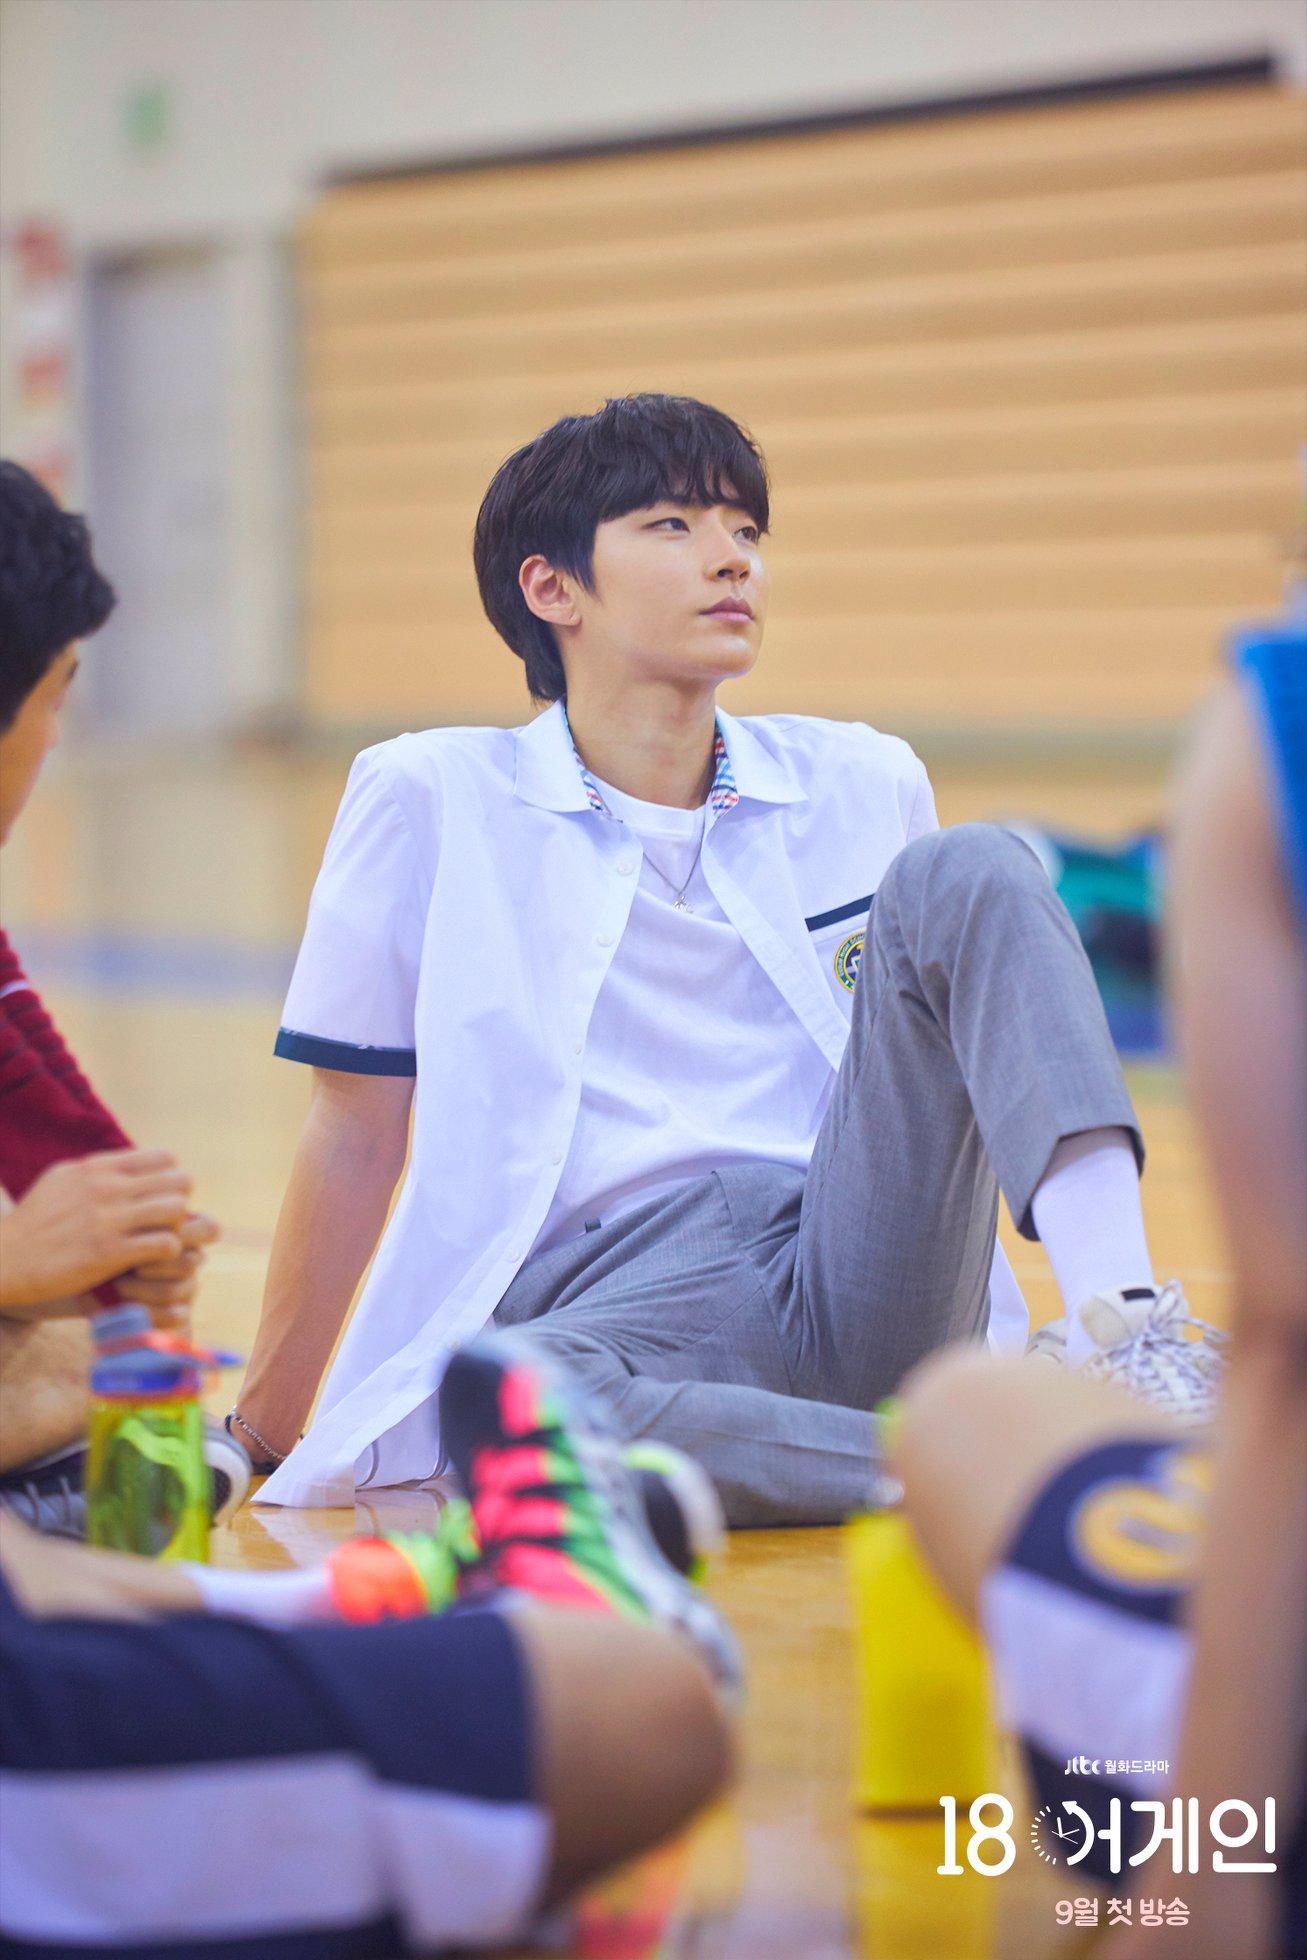 hwang inyeop cast true beauty bad boy kpopmap kpop kdrama trend